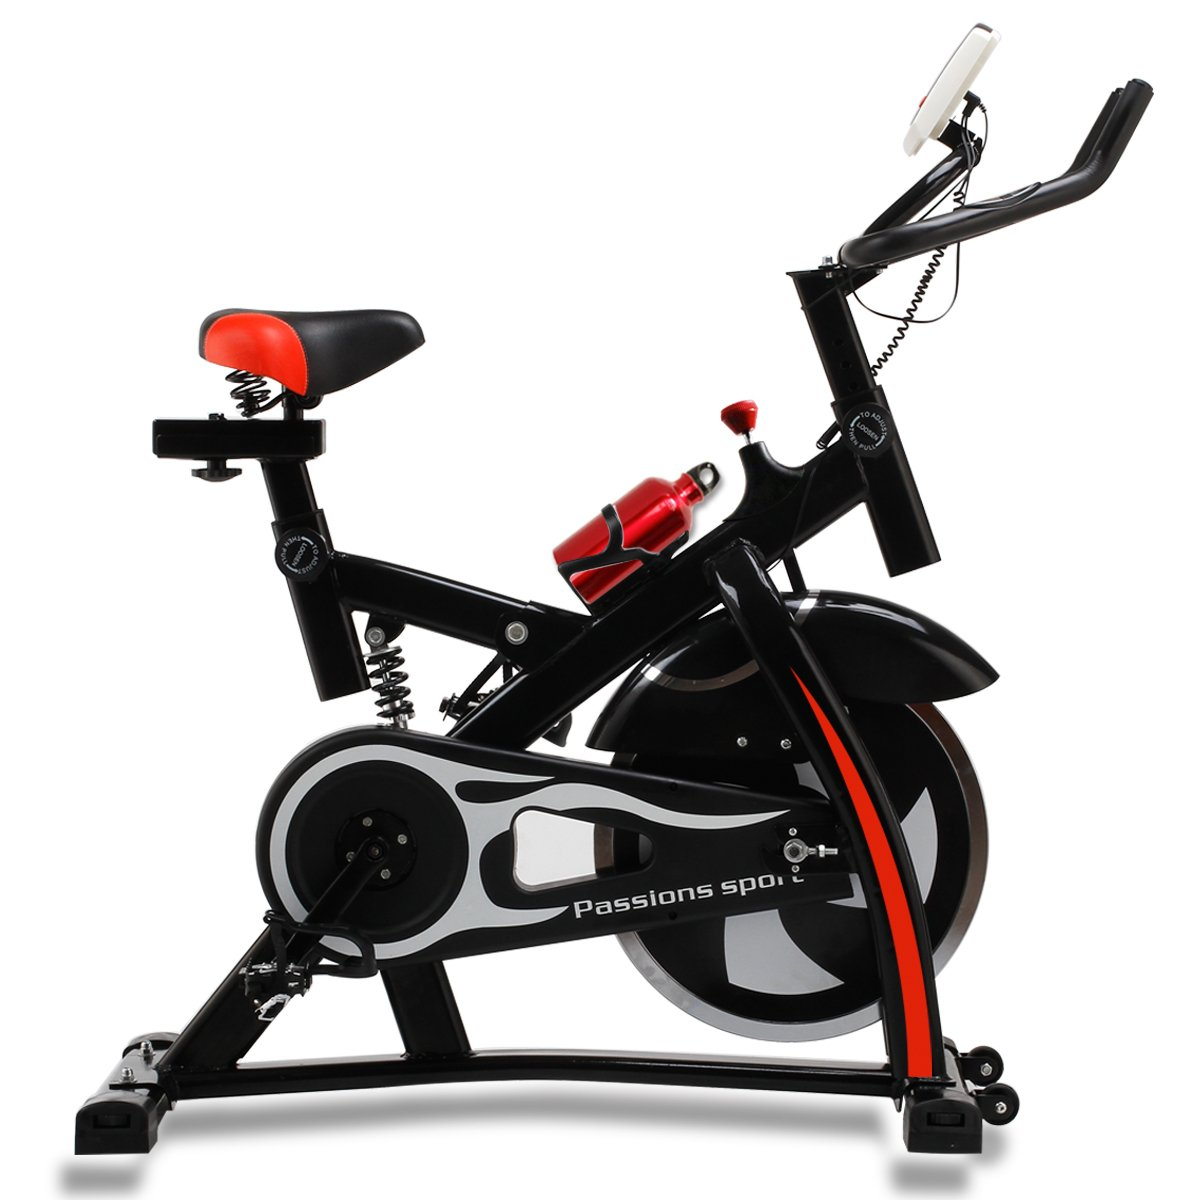 エスティージェ スピンバイクプラス  STJ spinbike plus 防振 超静音 耐荷重250kg  フィットネスバイク ダイエット 健康 ウォーカー B01M8QAWPA  ブラック